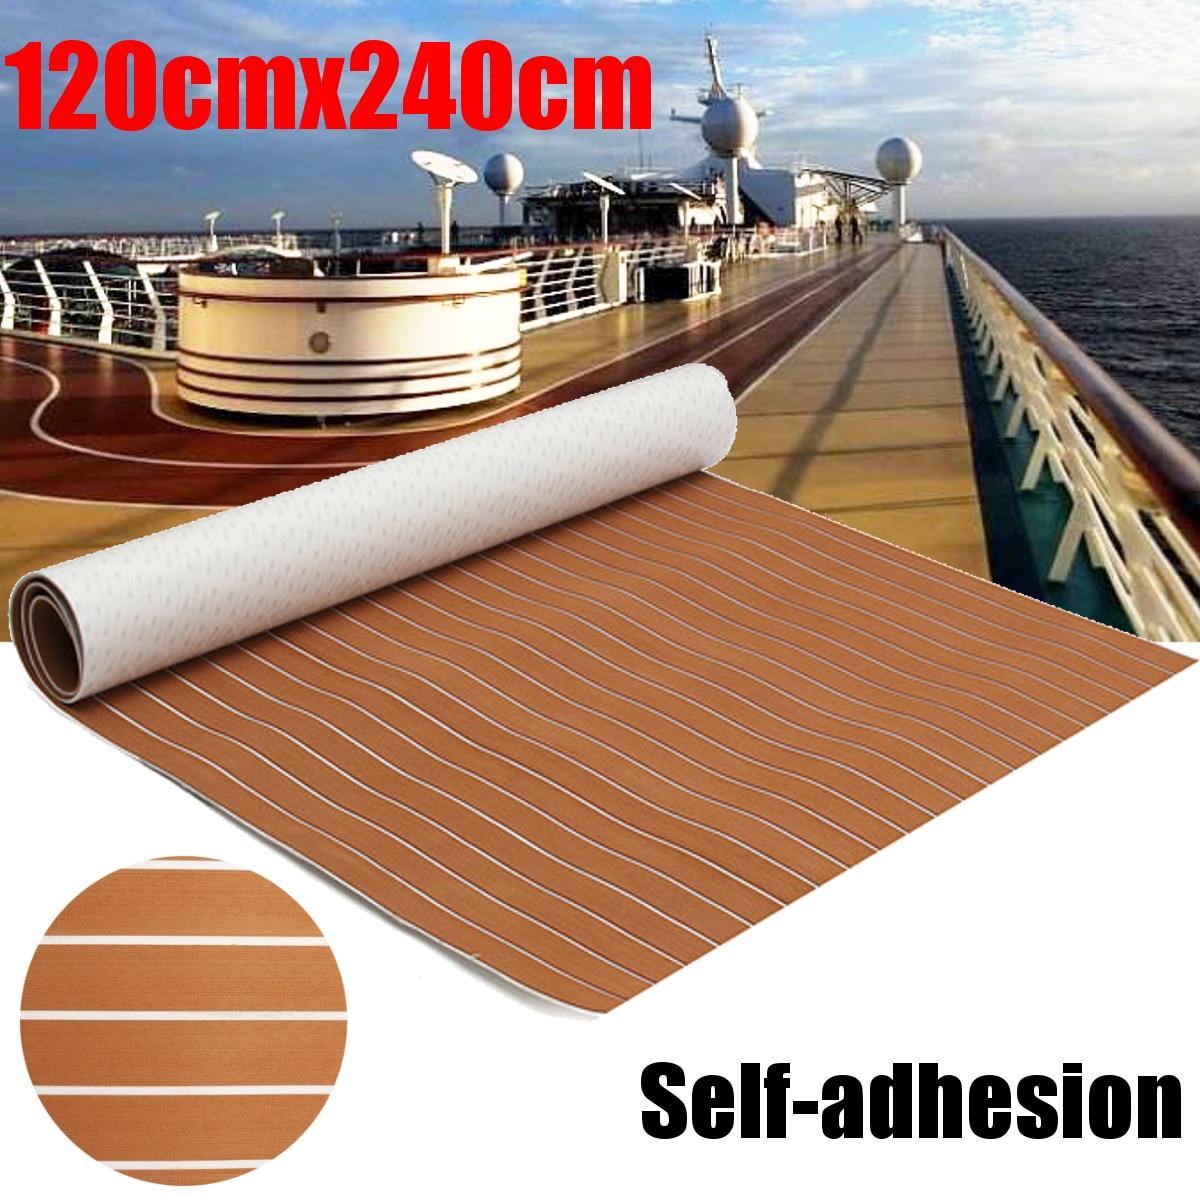 120x240 см самоклеющиеся пены EVA тик лист Тика настил лодки морской автомобилей Yacht коврик синтетические тик Pad